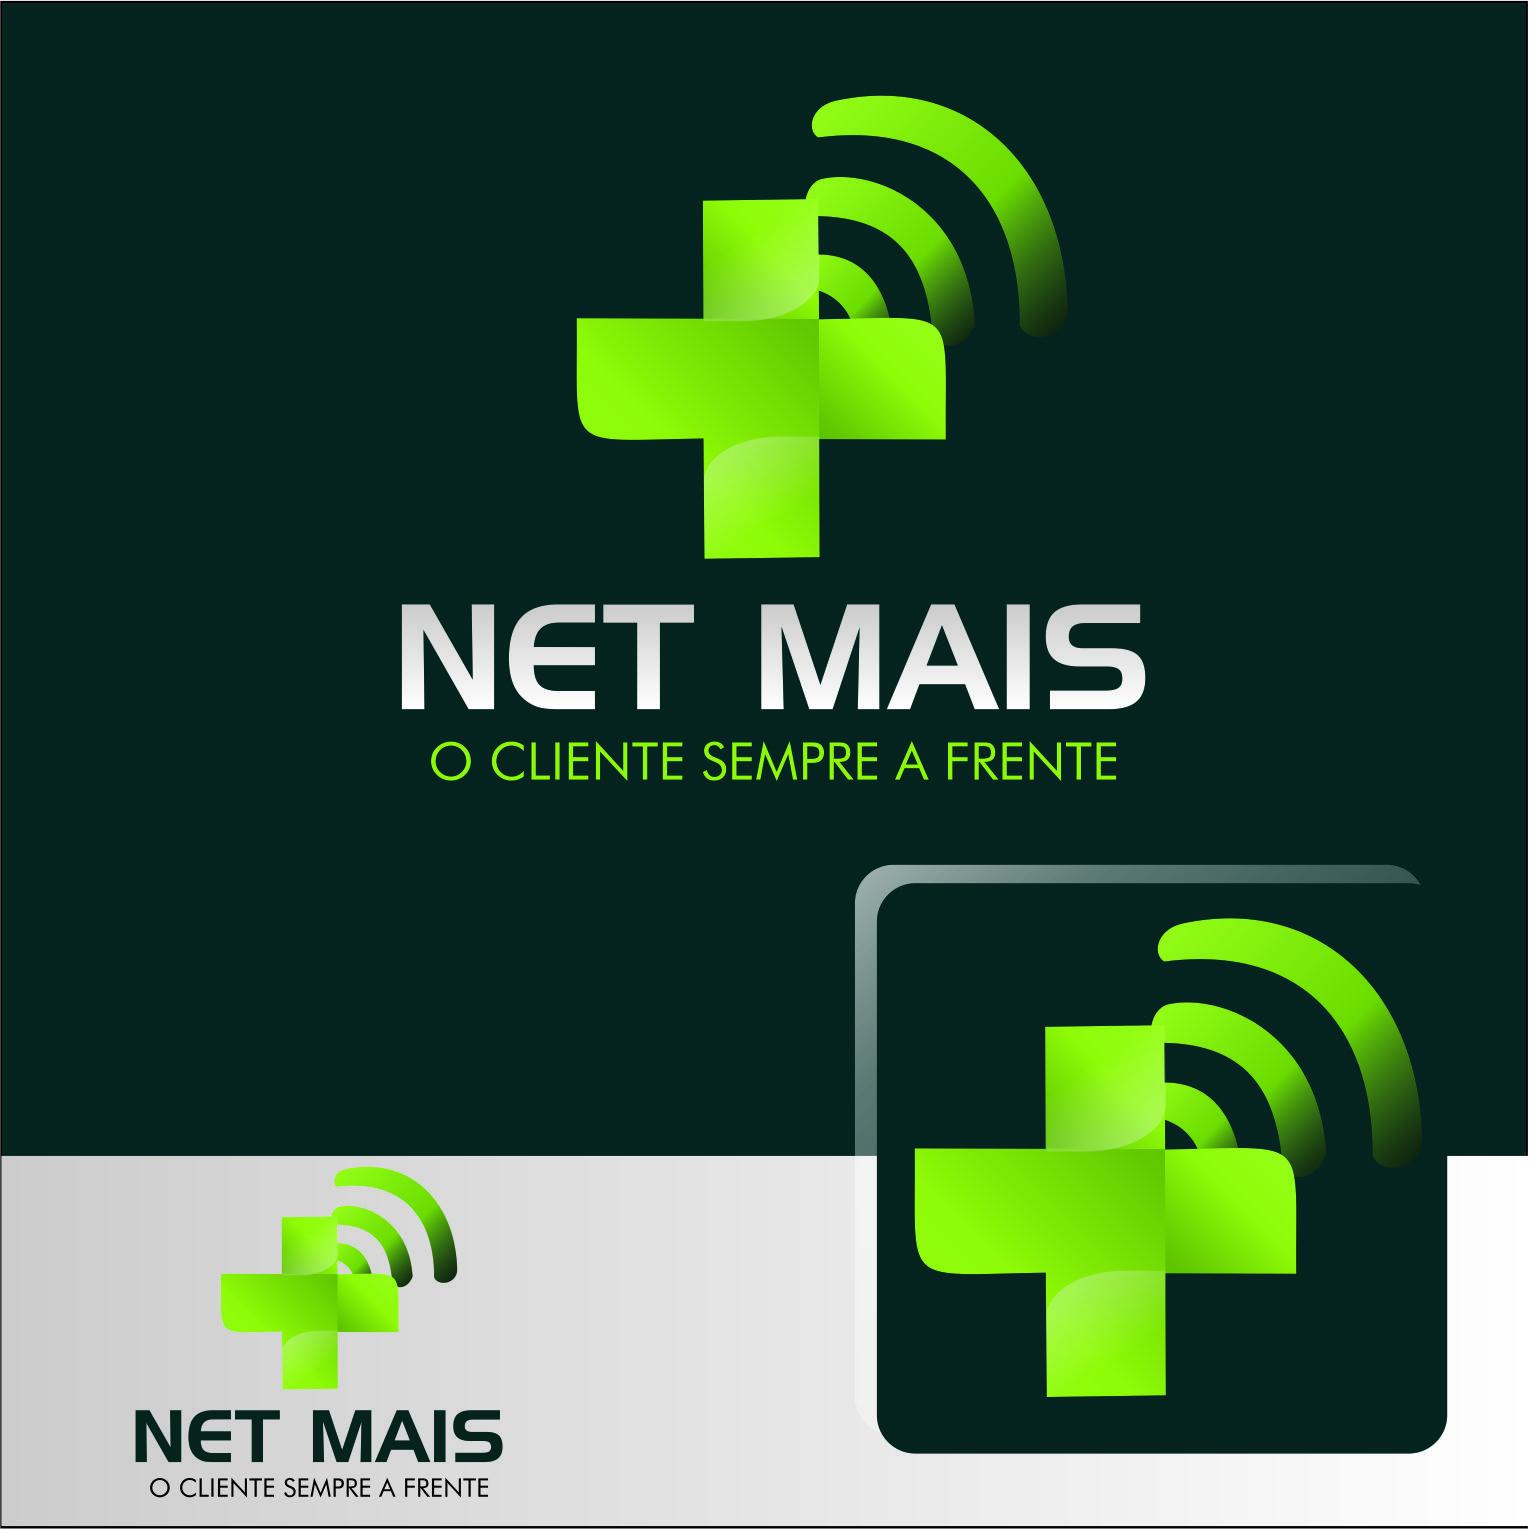 NET MAIS